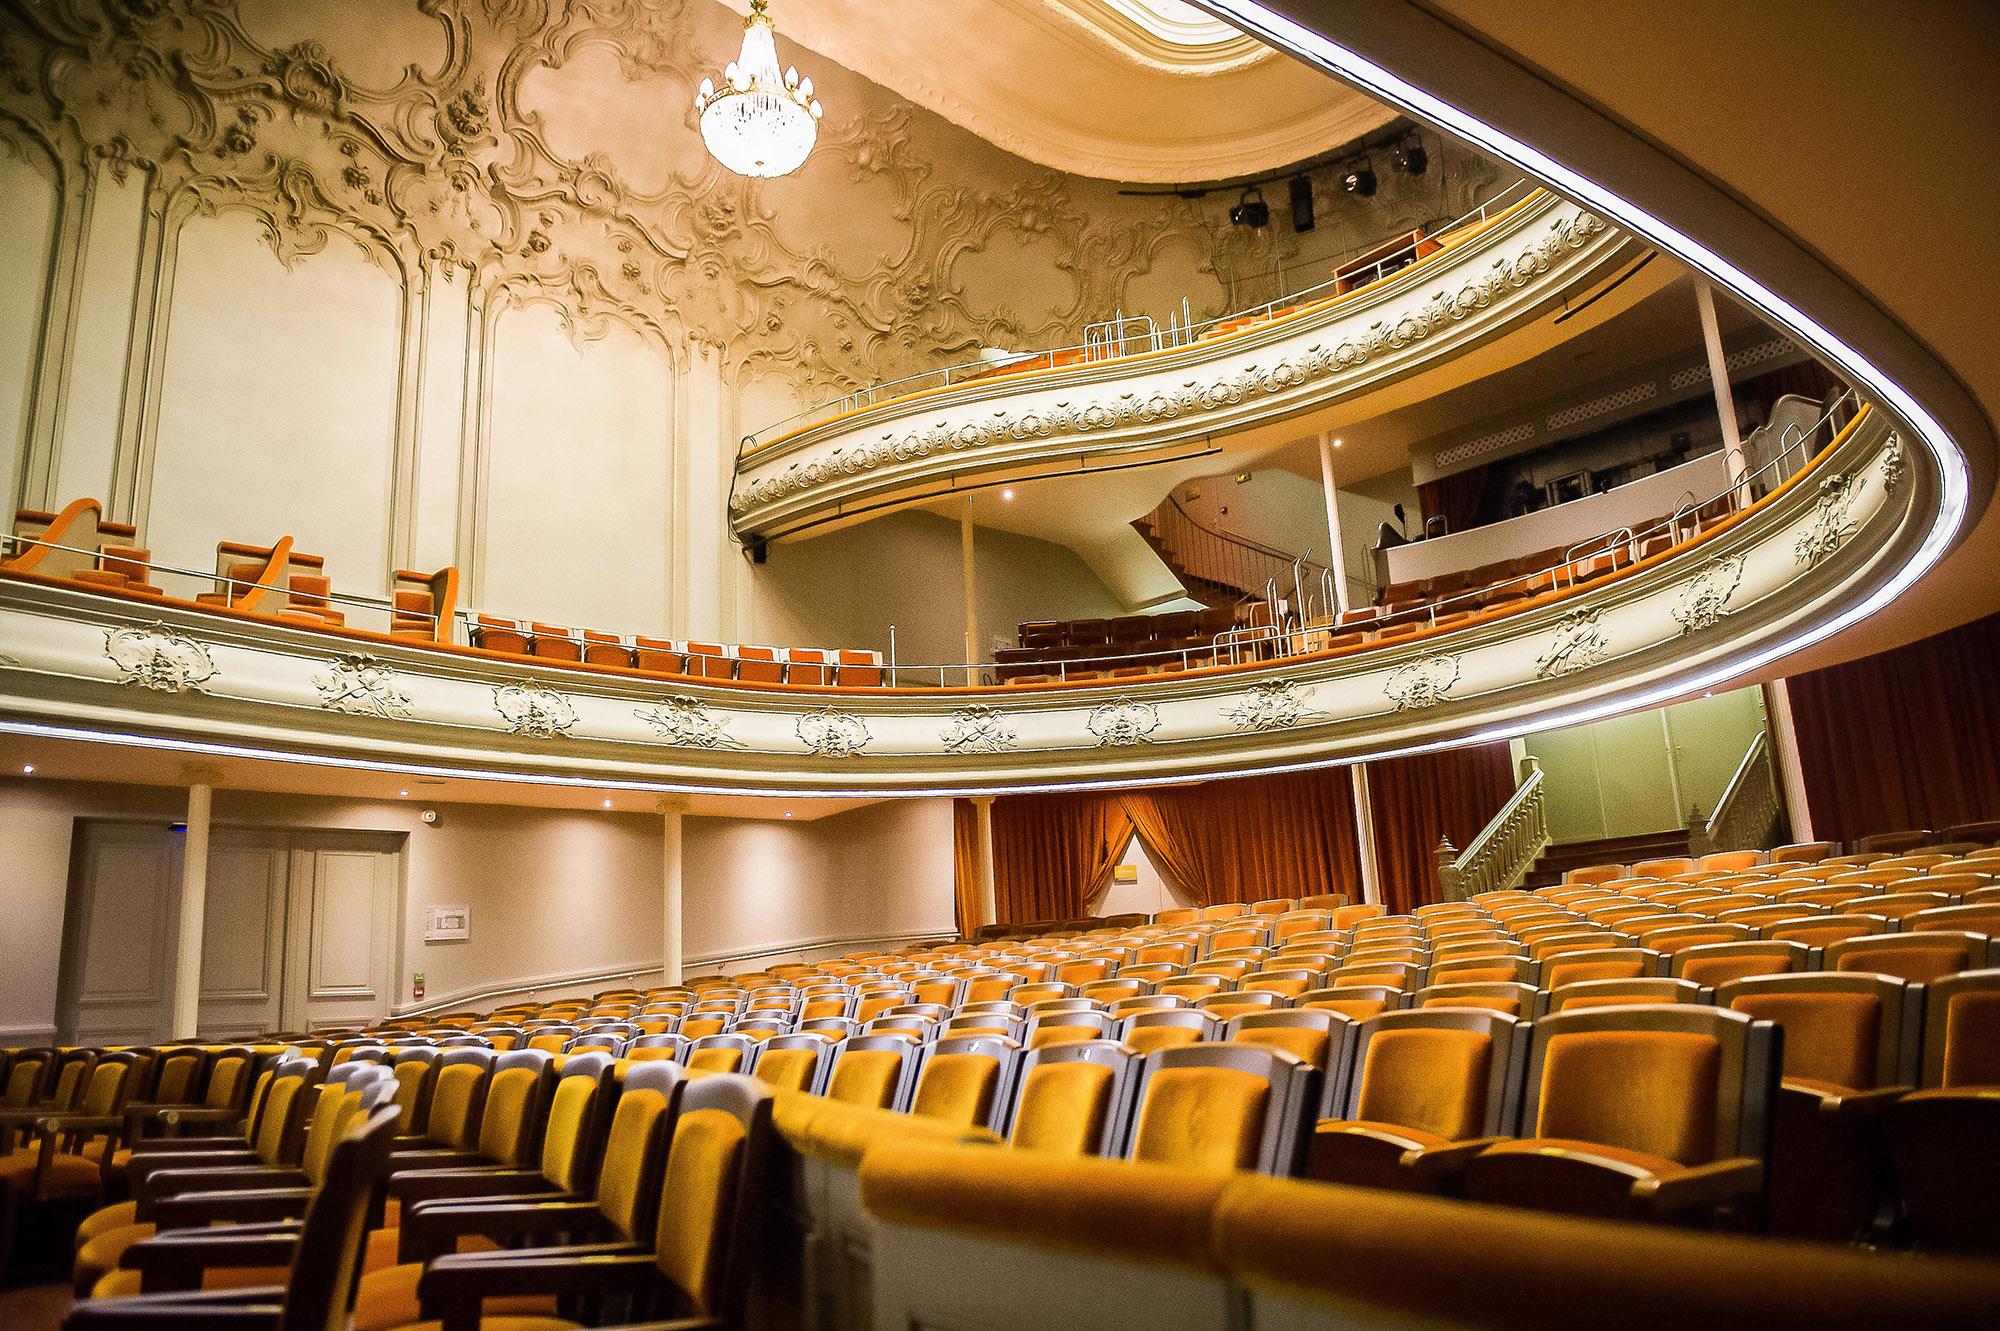 Salles de spectacles, théâtres, casino